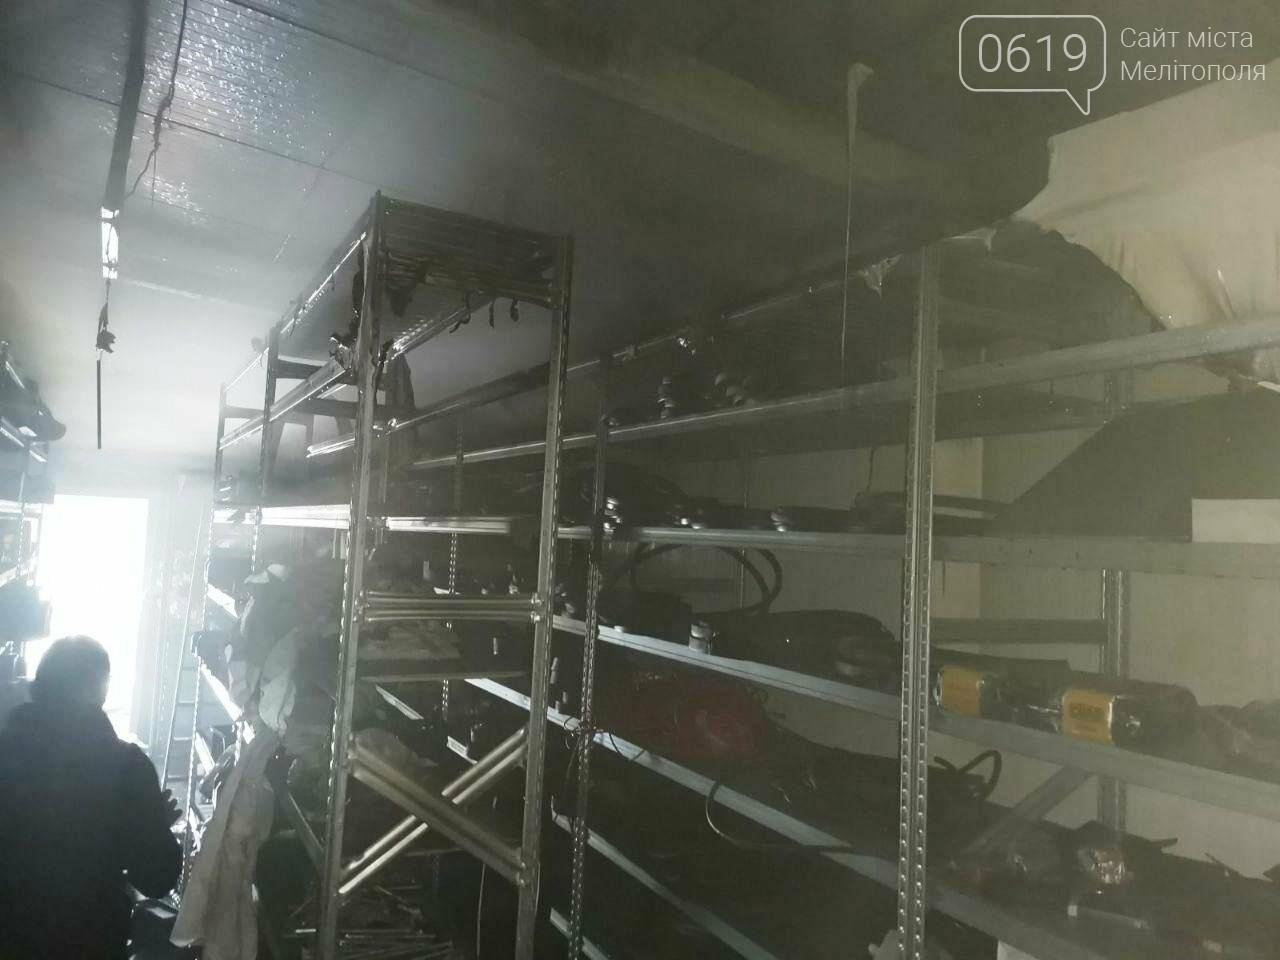 Спасатели Мелитополя тушили пожар в складском помещении, фото-2